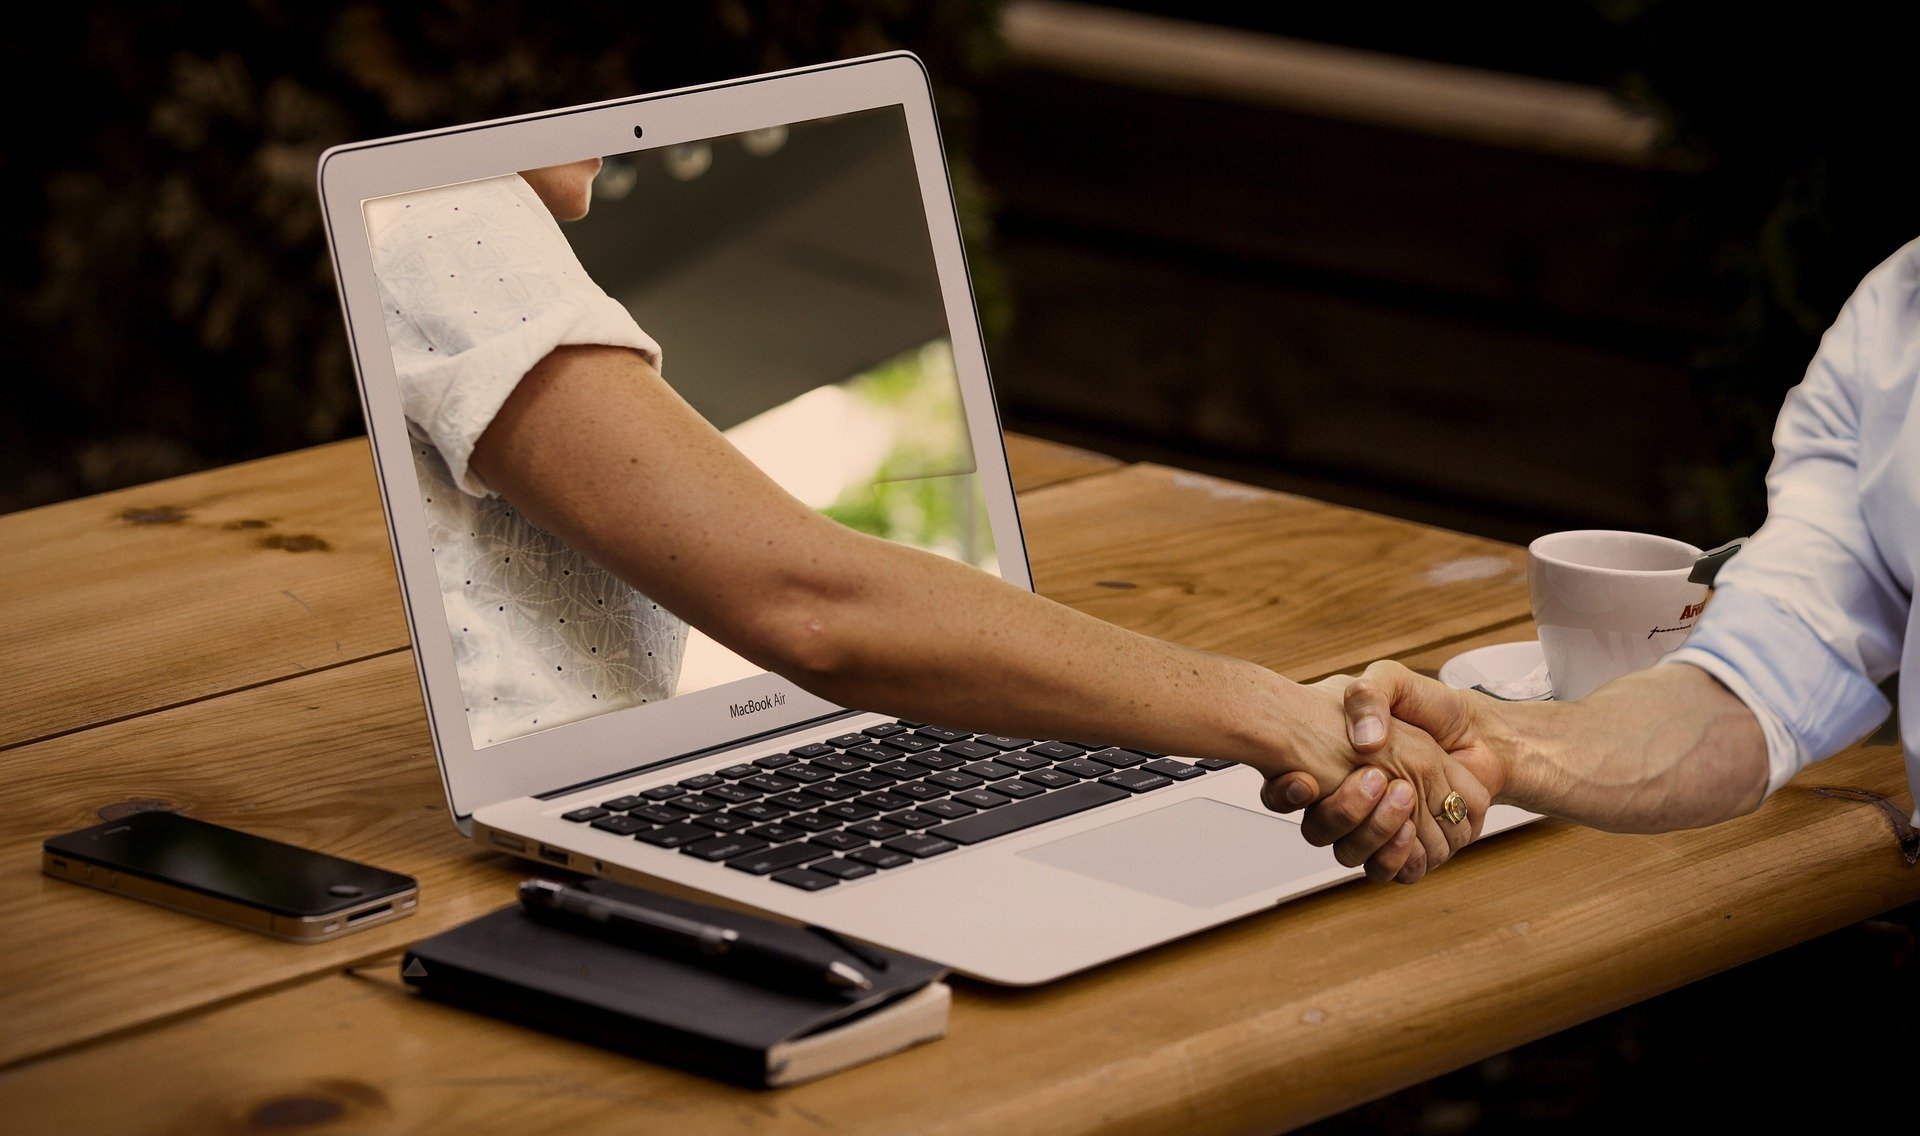 Eine Hand kommt aus einem Laptop und schüttelt eine andere Hand.